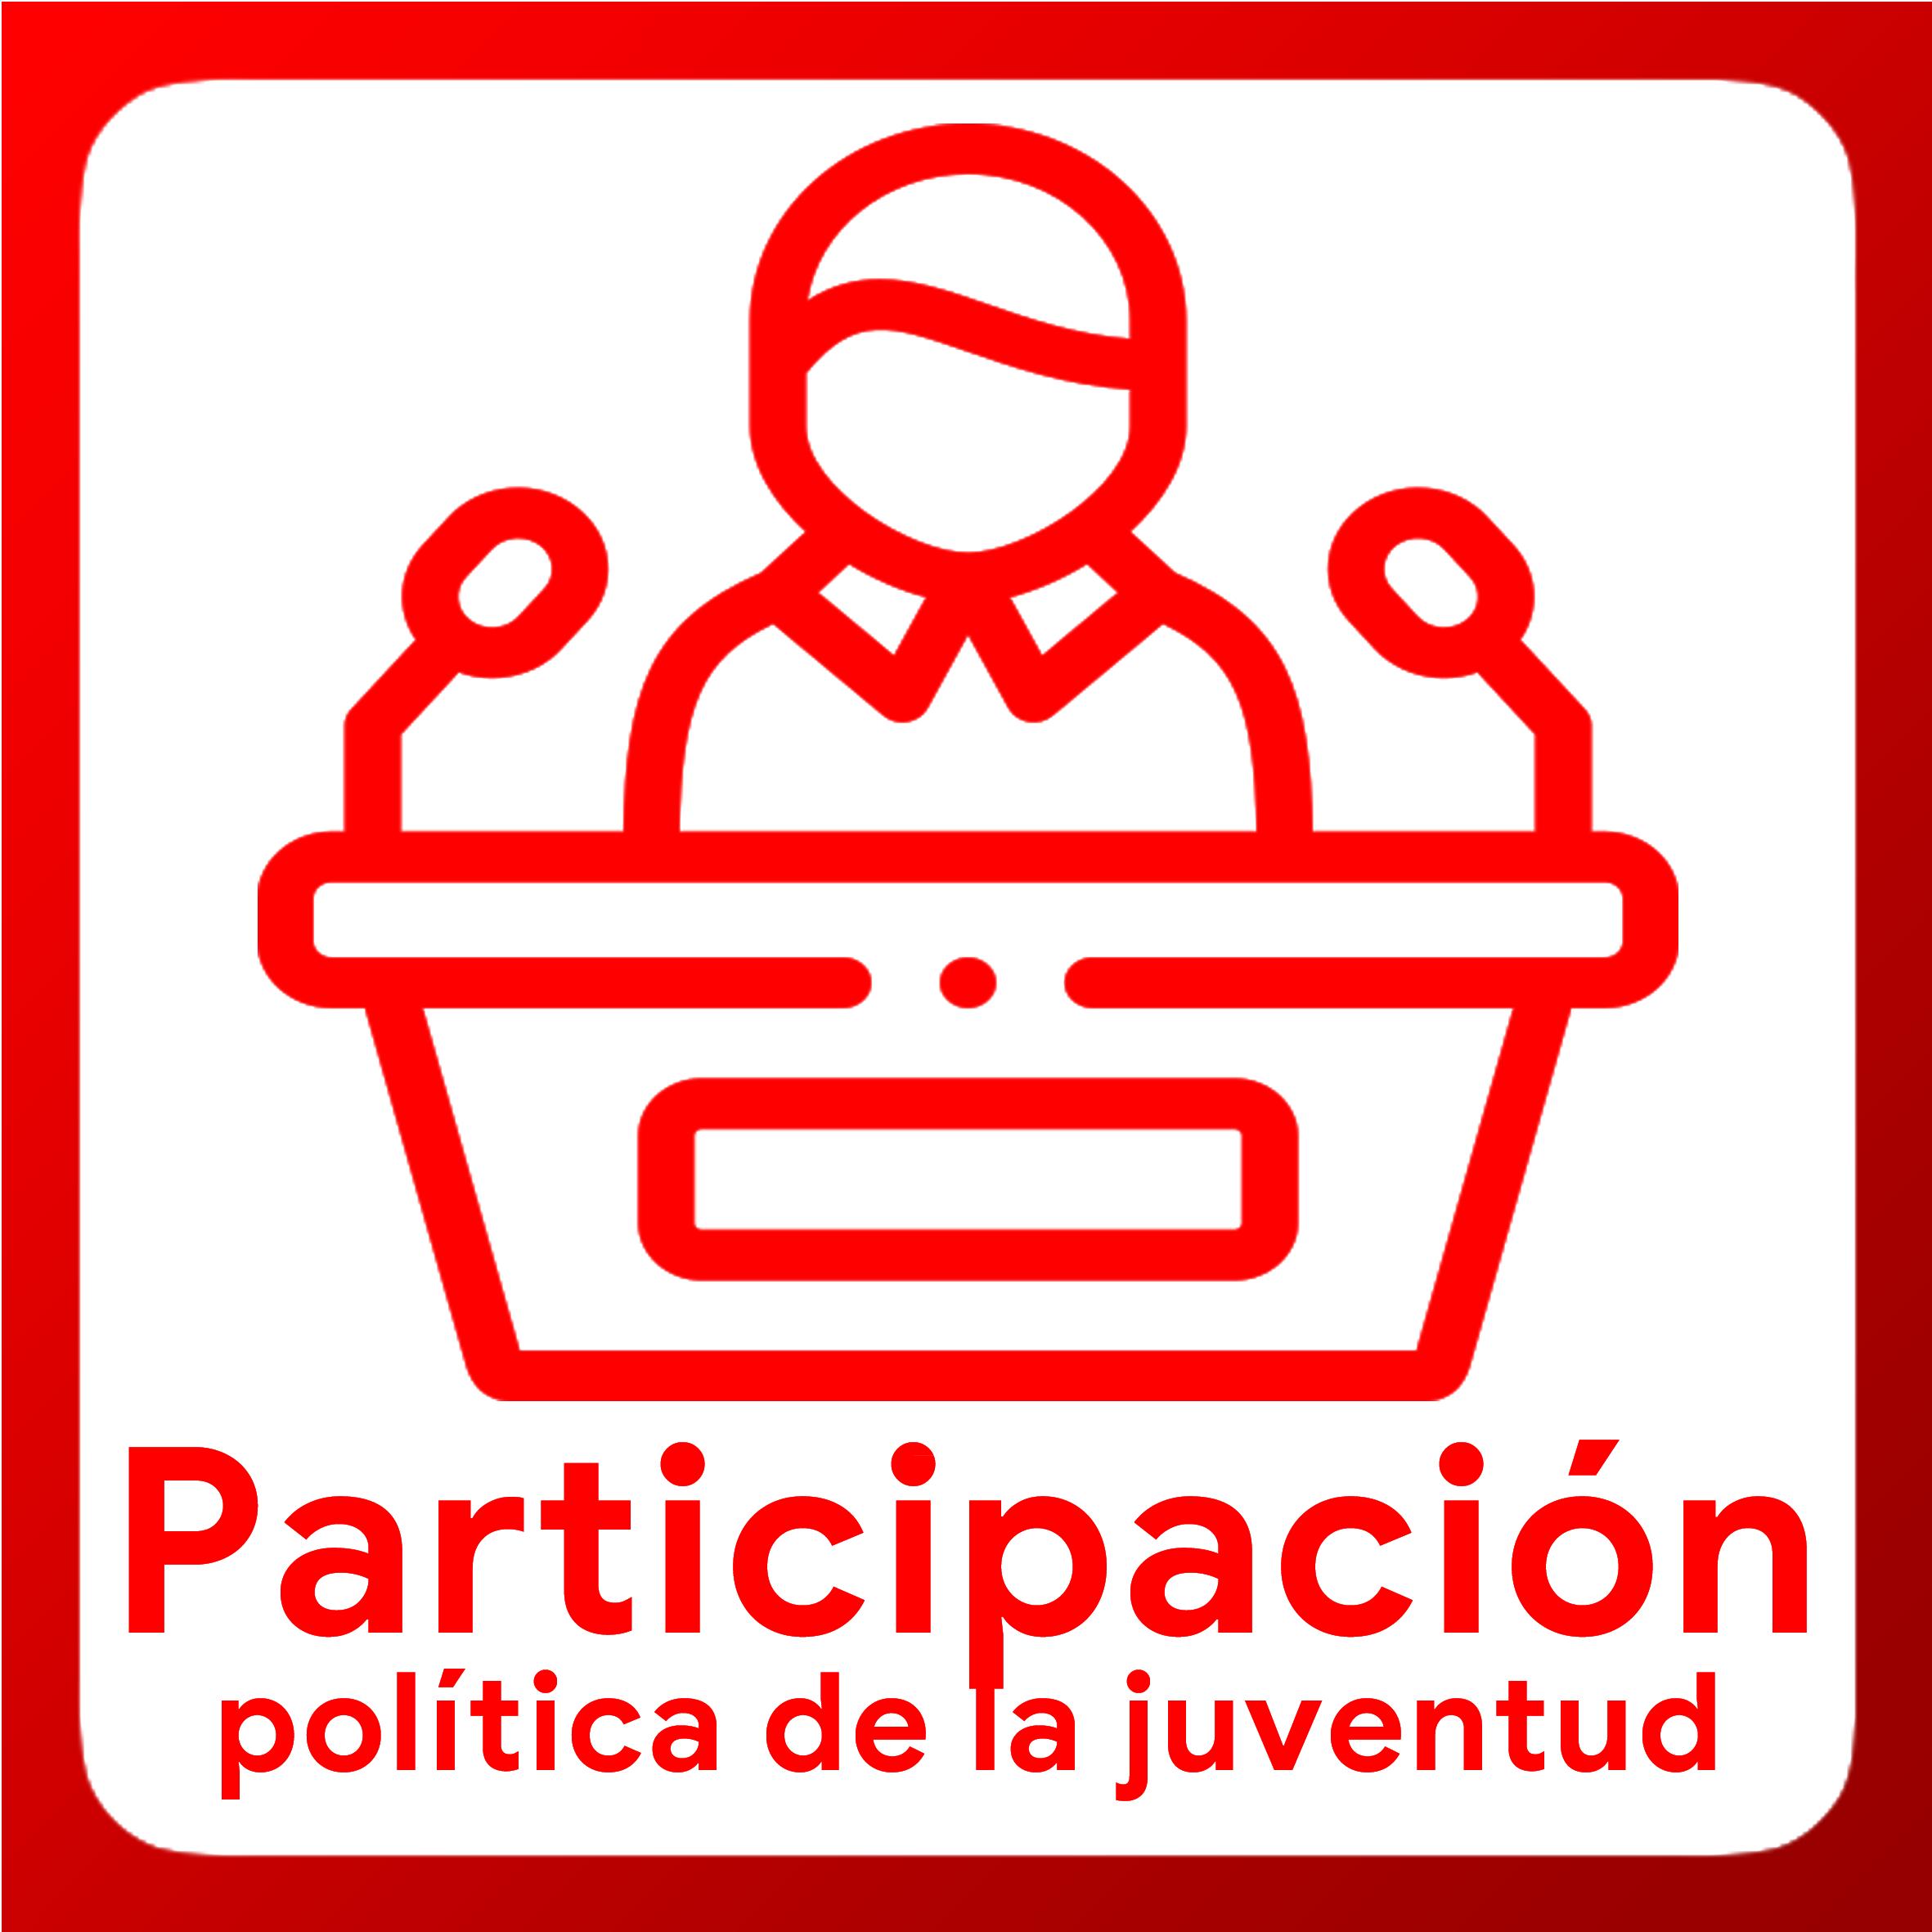 Boton activable de Participación Política de la Juventud